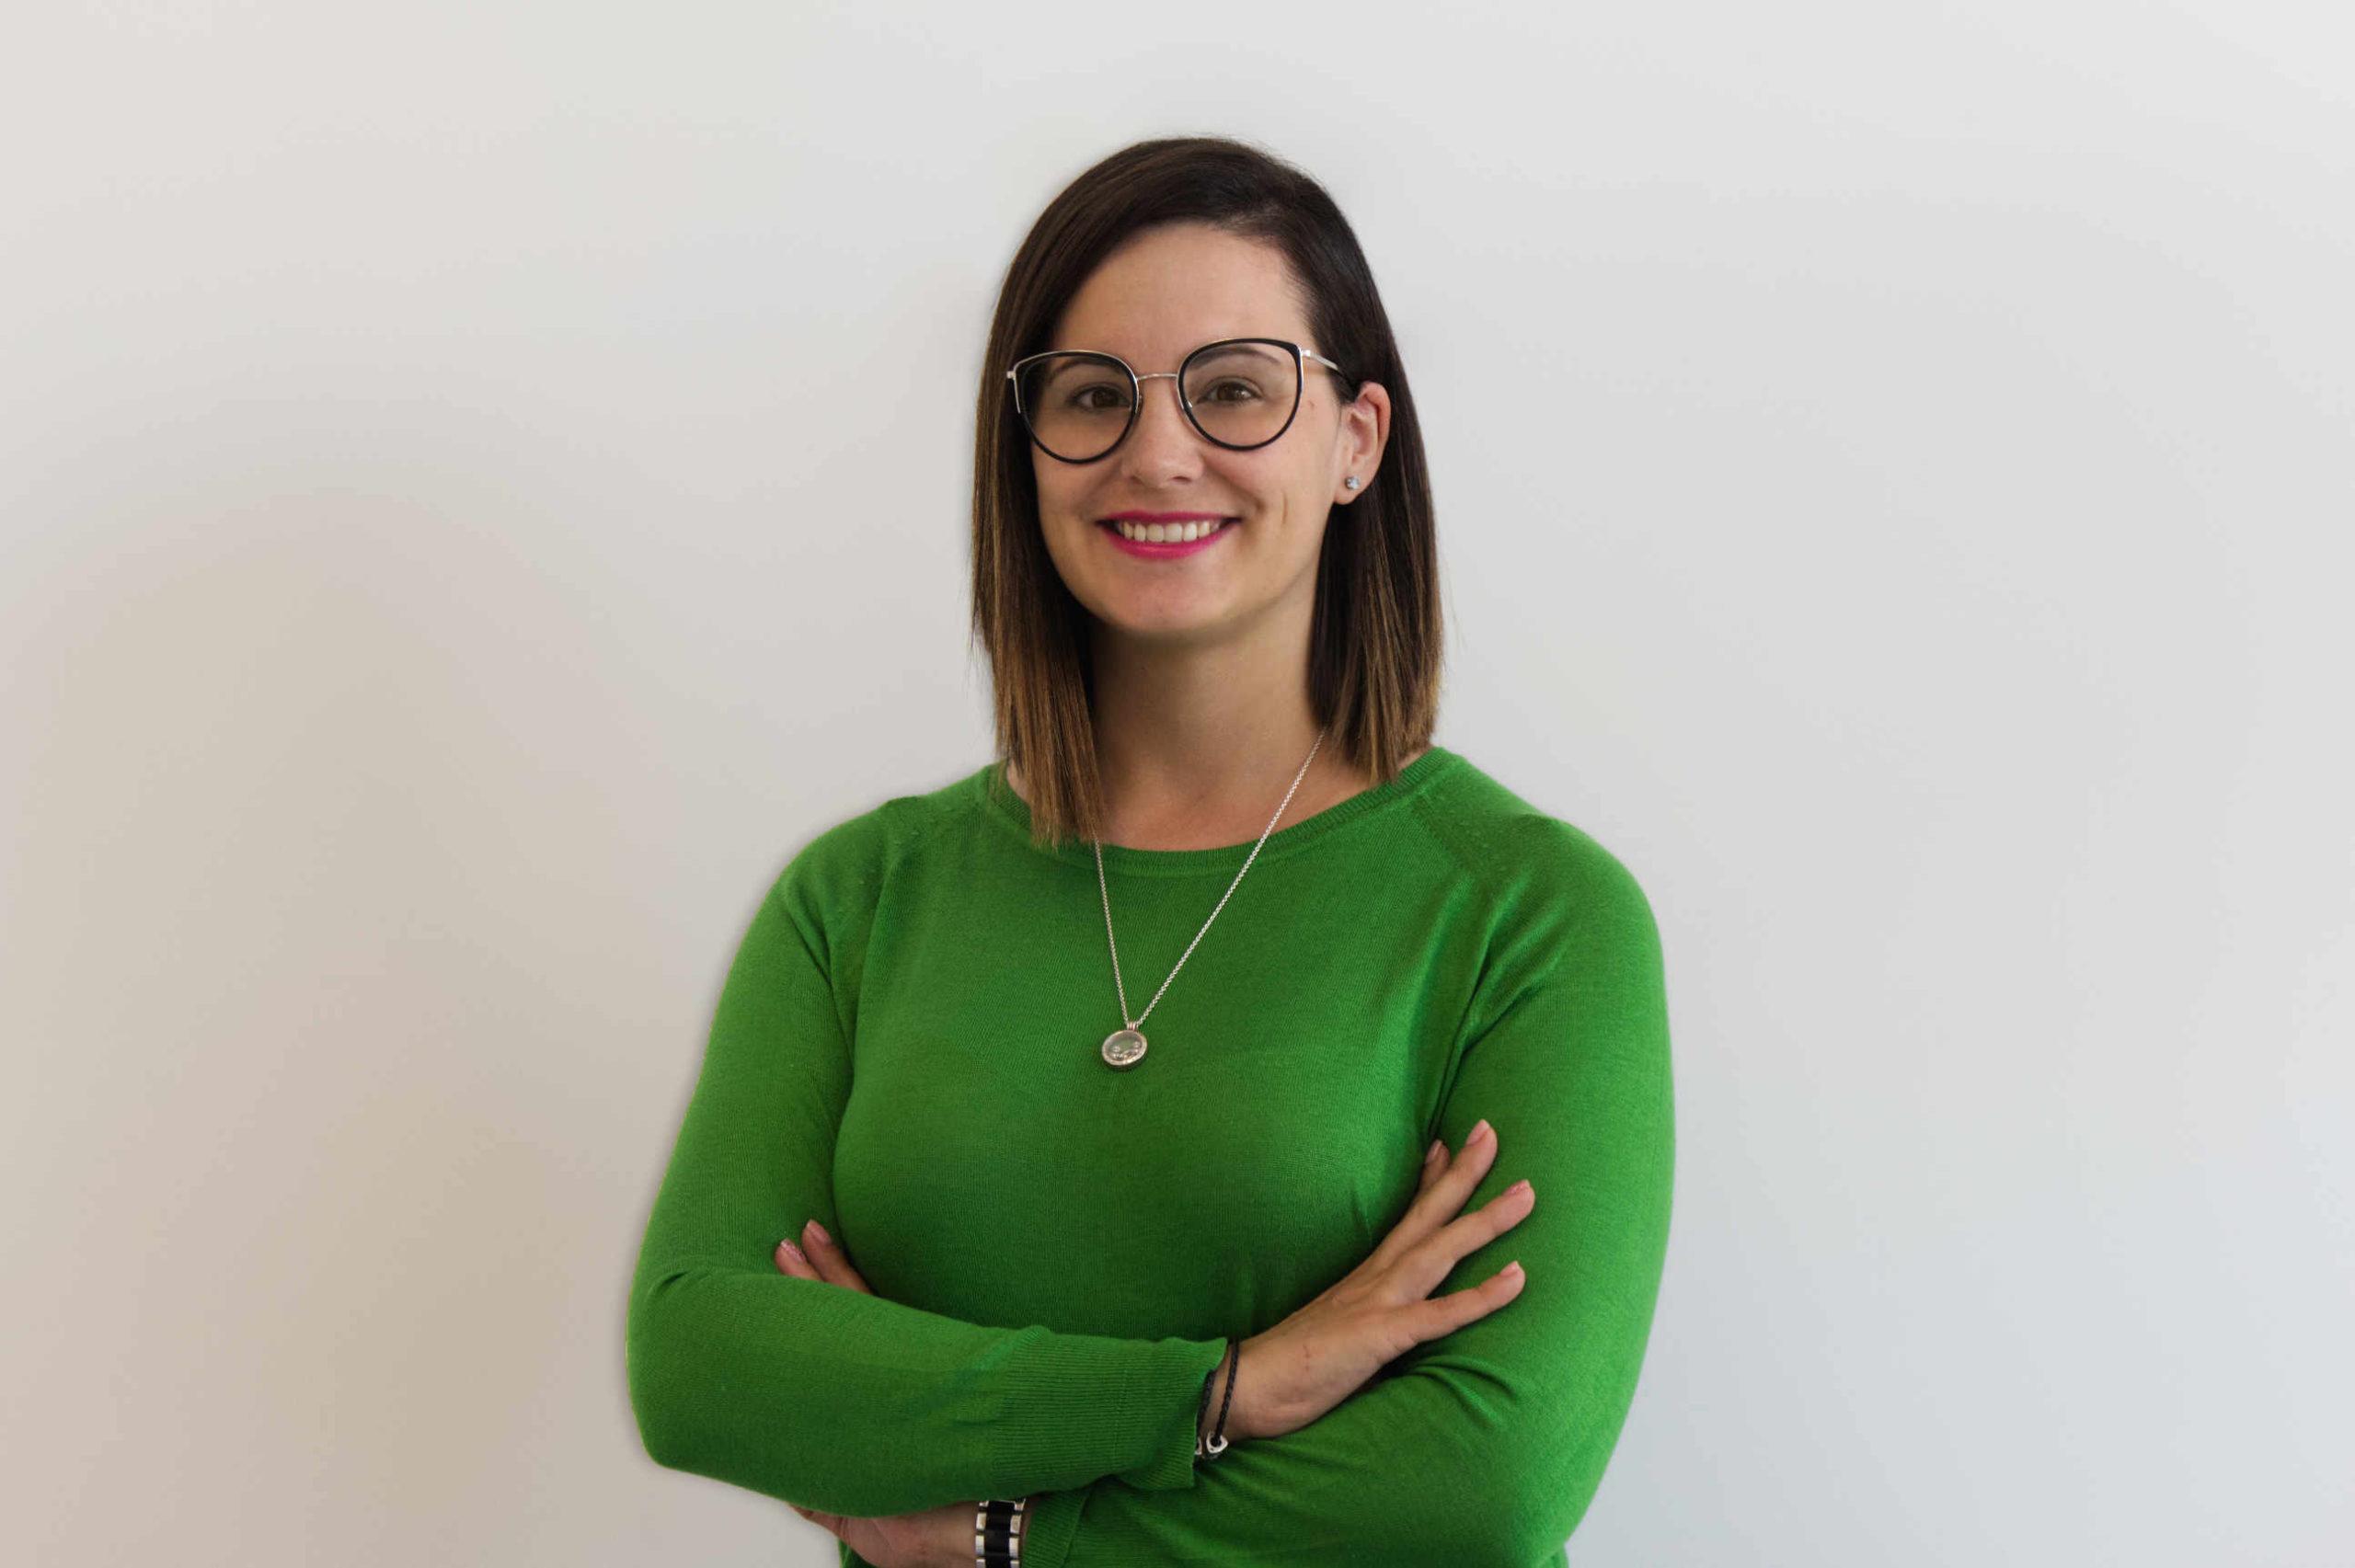 Ana Luísa Machado